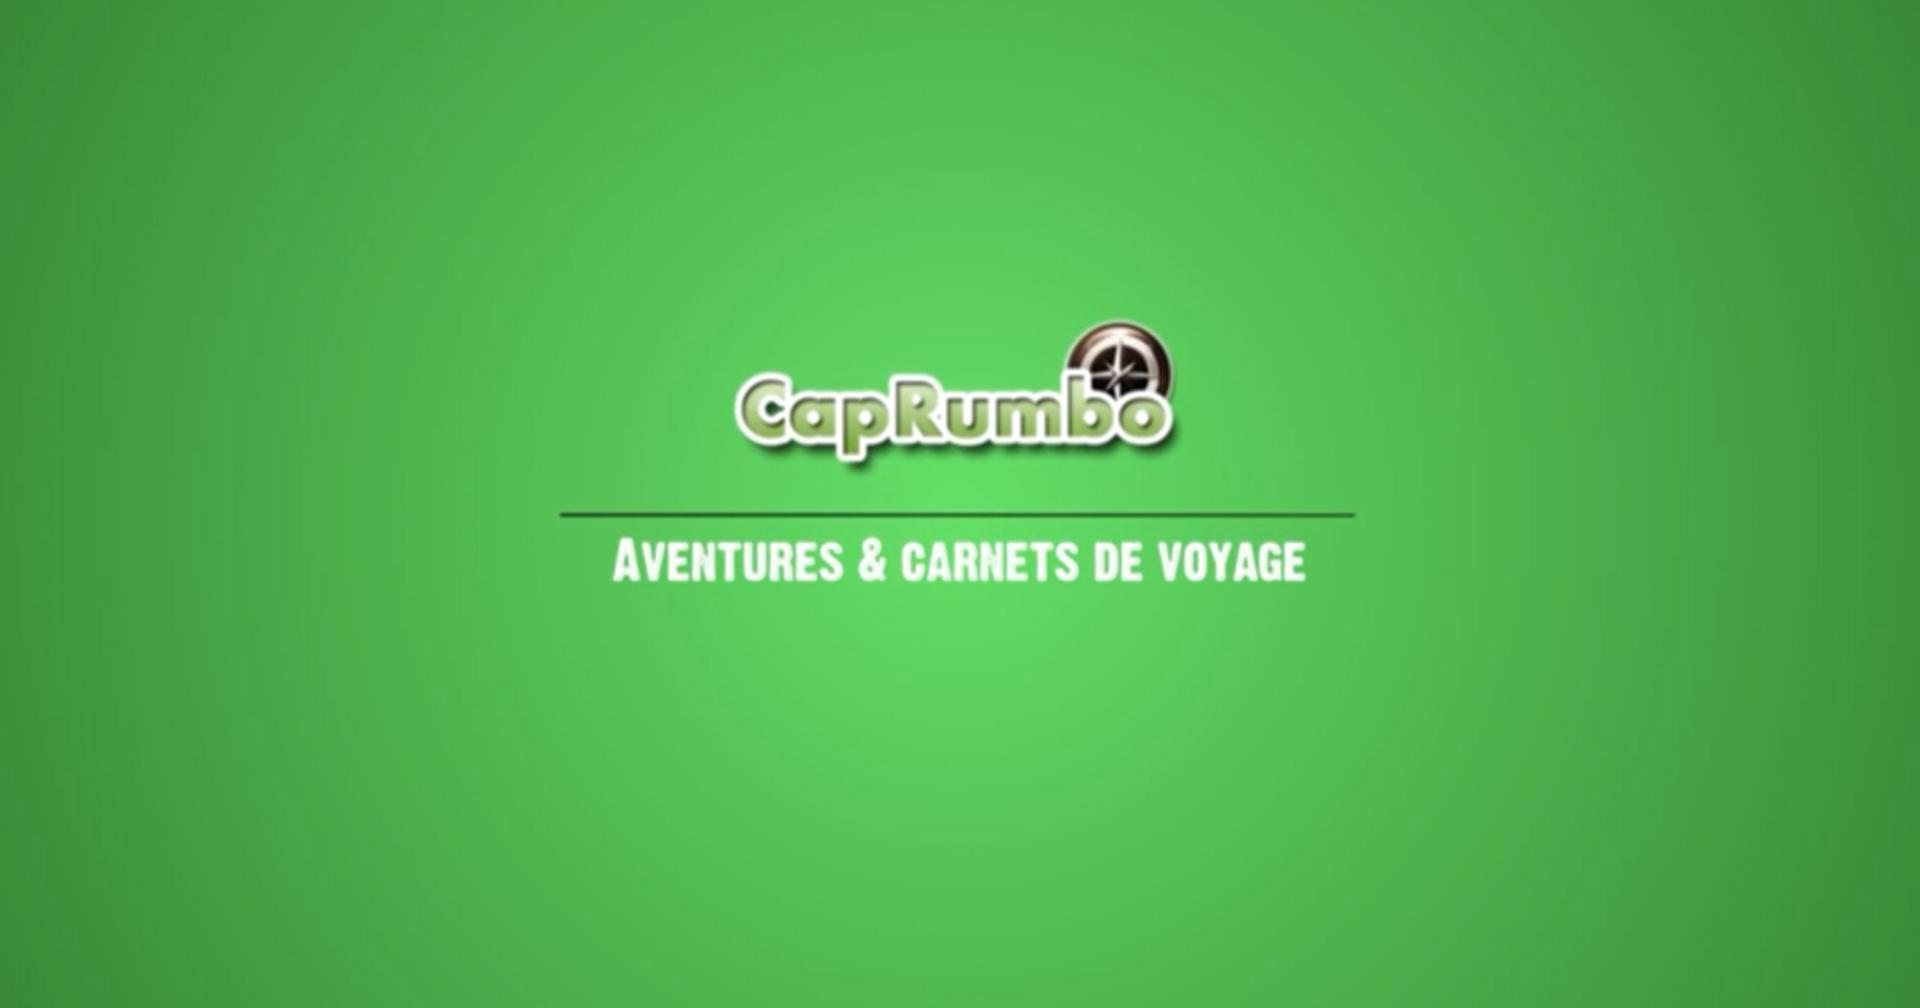 Découvrez le générique de l'émission Cap vers… avec CapRumbo